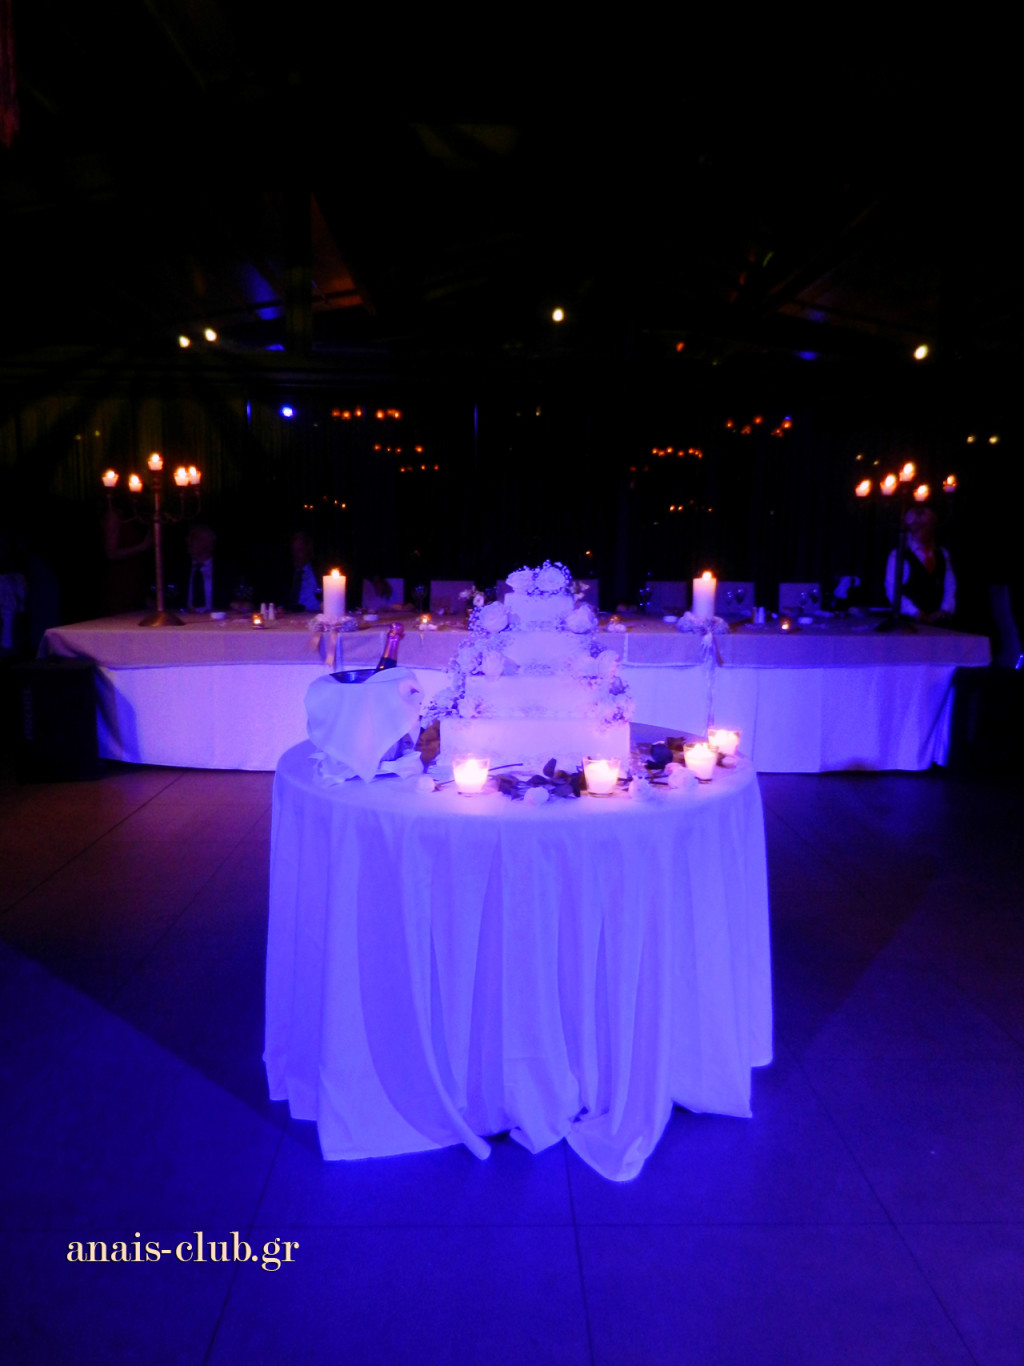 Το τραπέζι με την γαμήλια τούρτα μπροστά από το νυφικό τραπέζι, αλλάζει χρώματα ανάλογα με τον φωτισμό